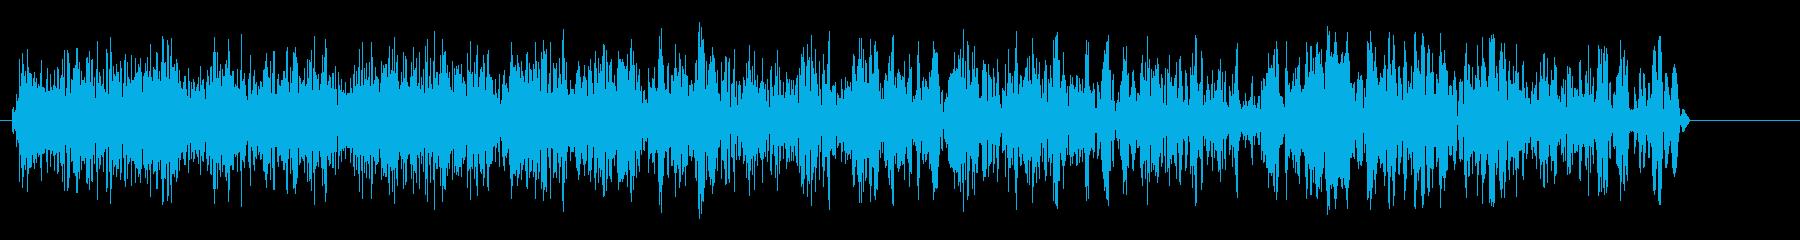 ギューン(チャージ音)の再生済みの波形